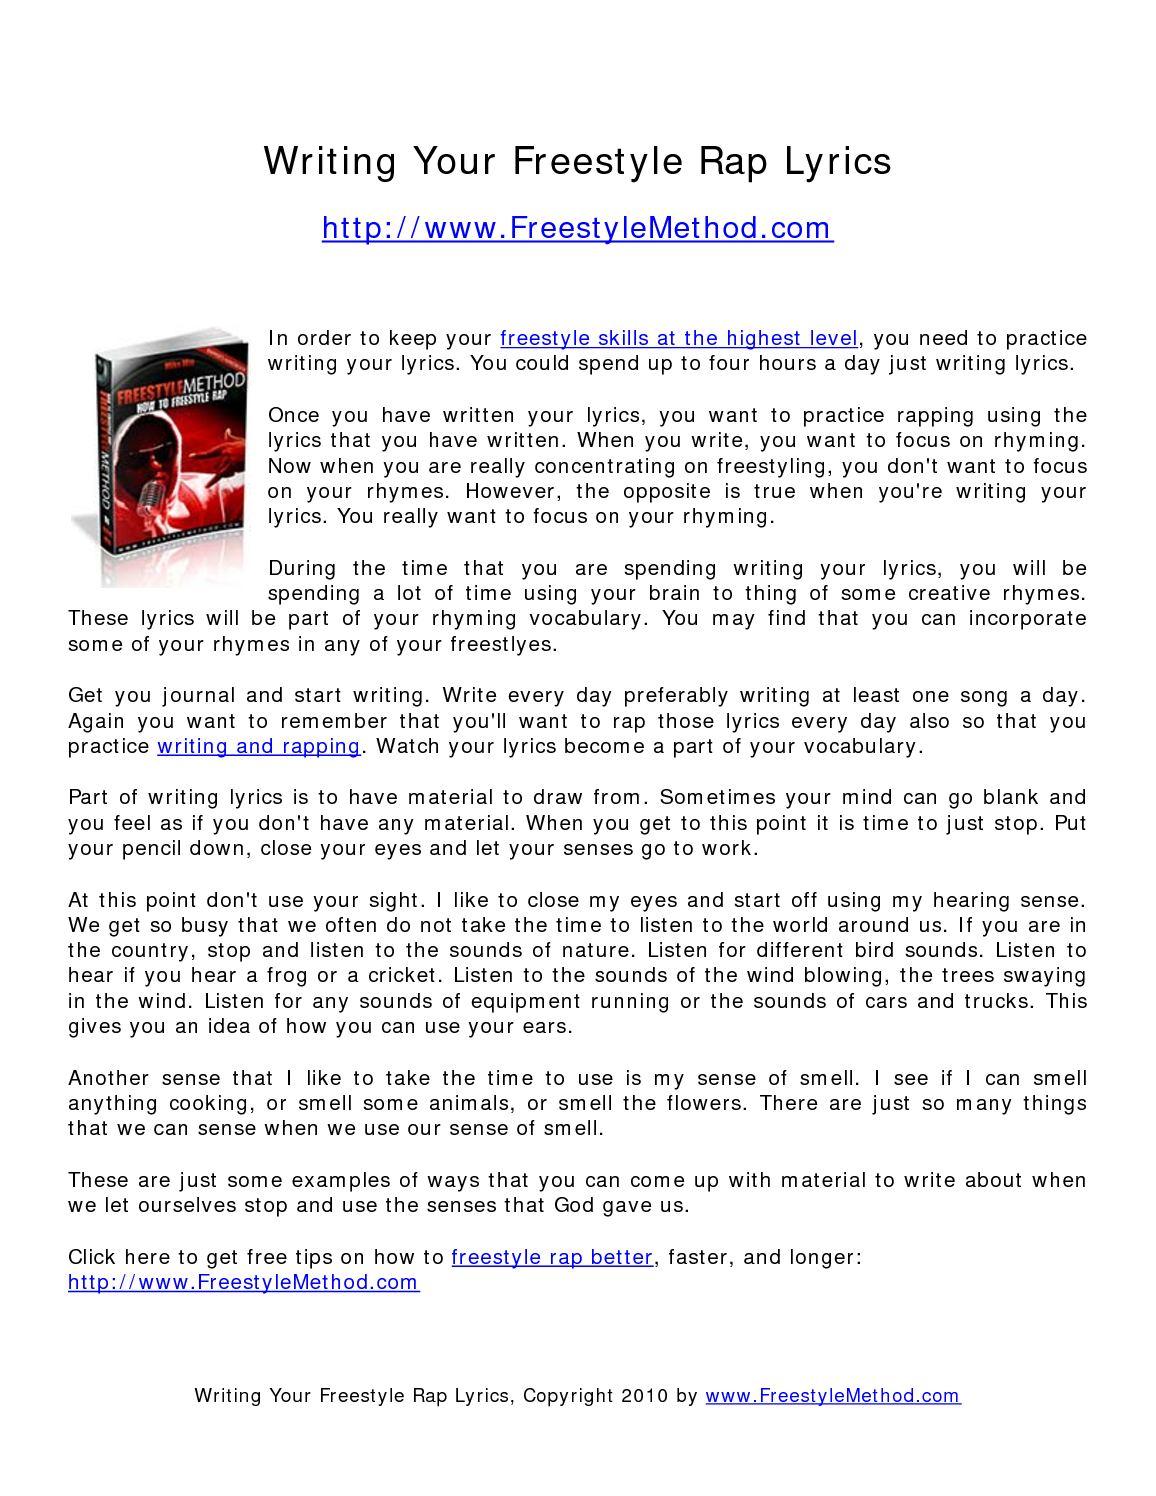 Annual report unilever indonesia 2008